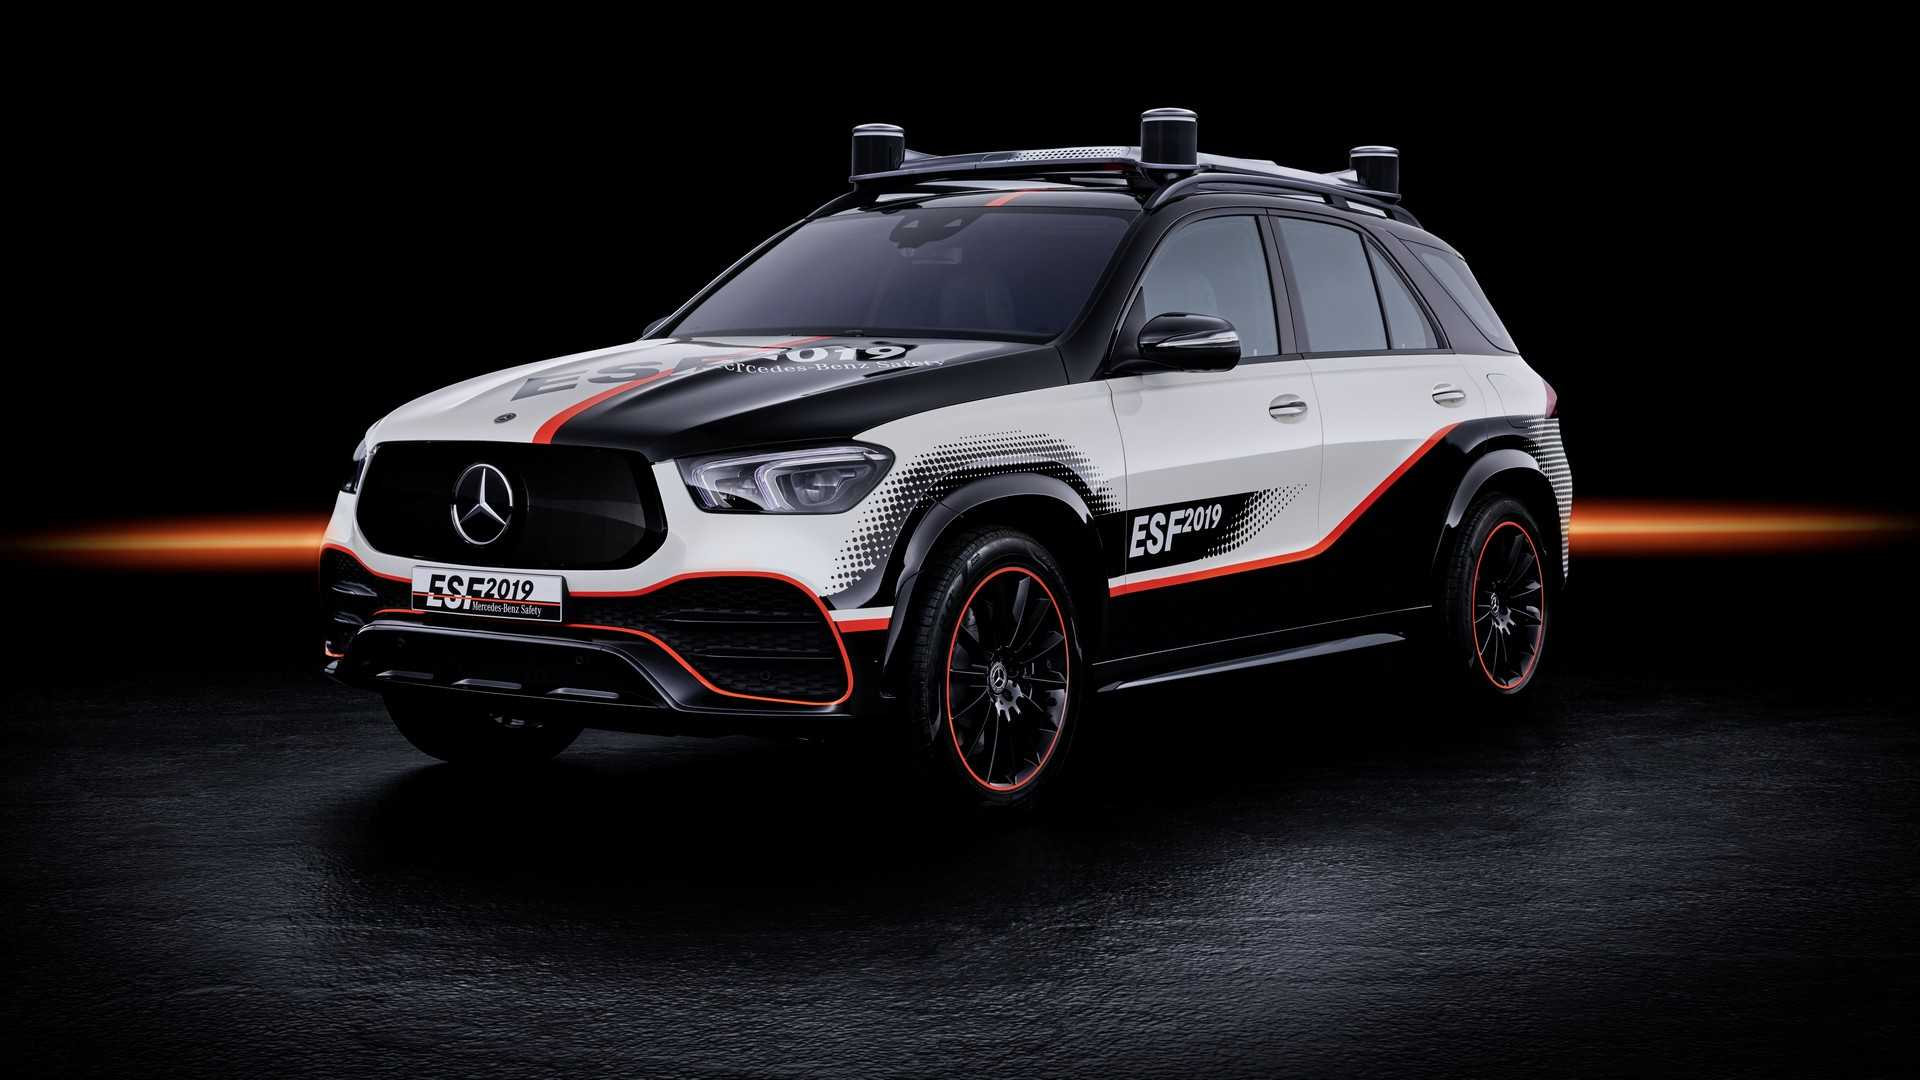 Mercedes-Benz презентовал новый прототип, созданный в рамках программы по разработке абсолютно безопасного автомобиля